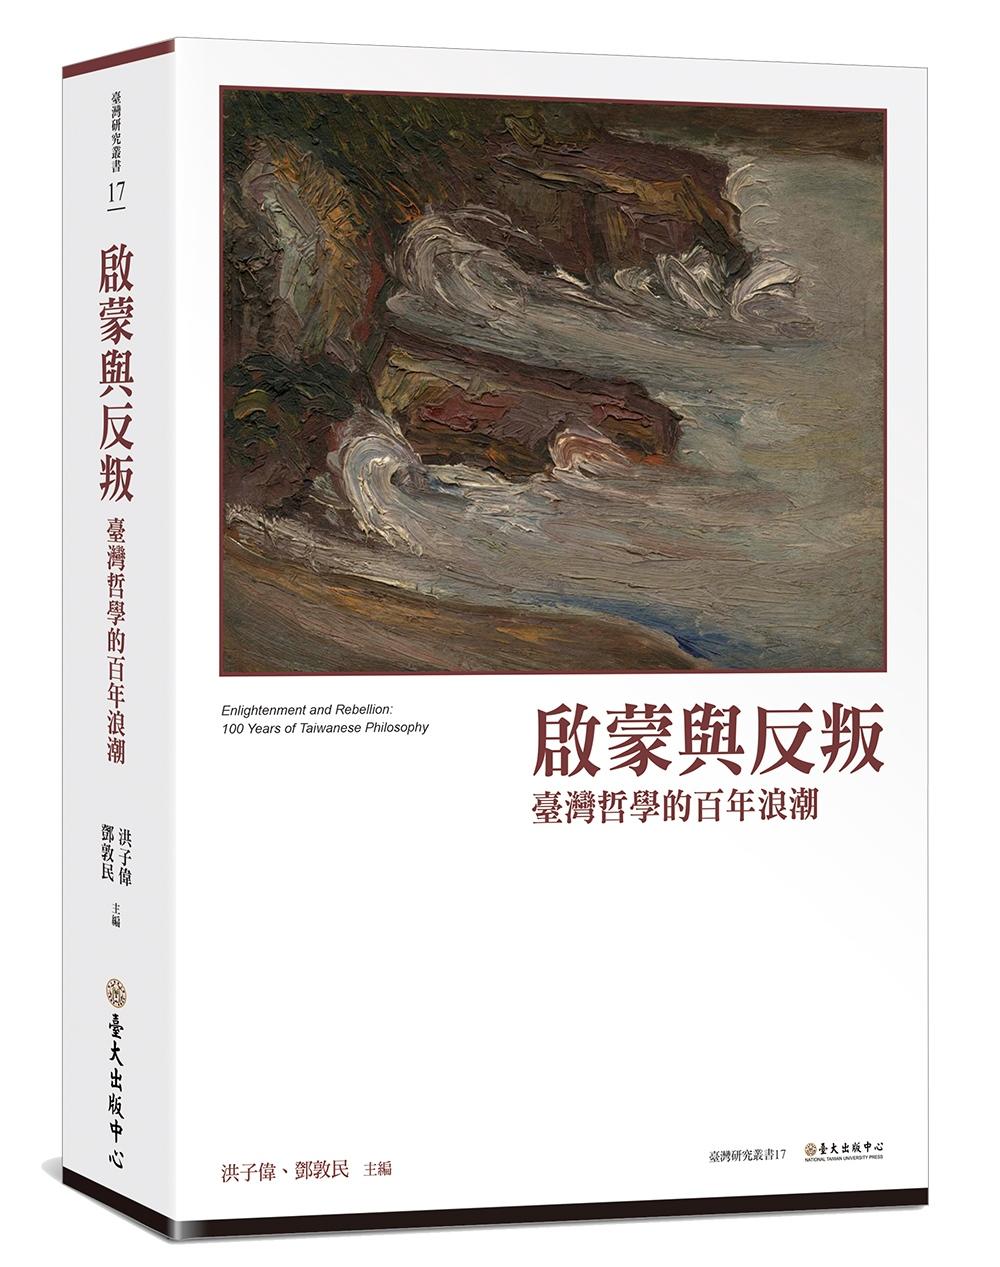 啟蒙與反叛:臺灣哲學的百年浪潮